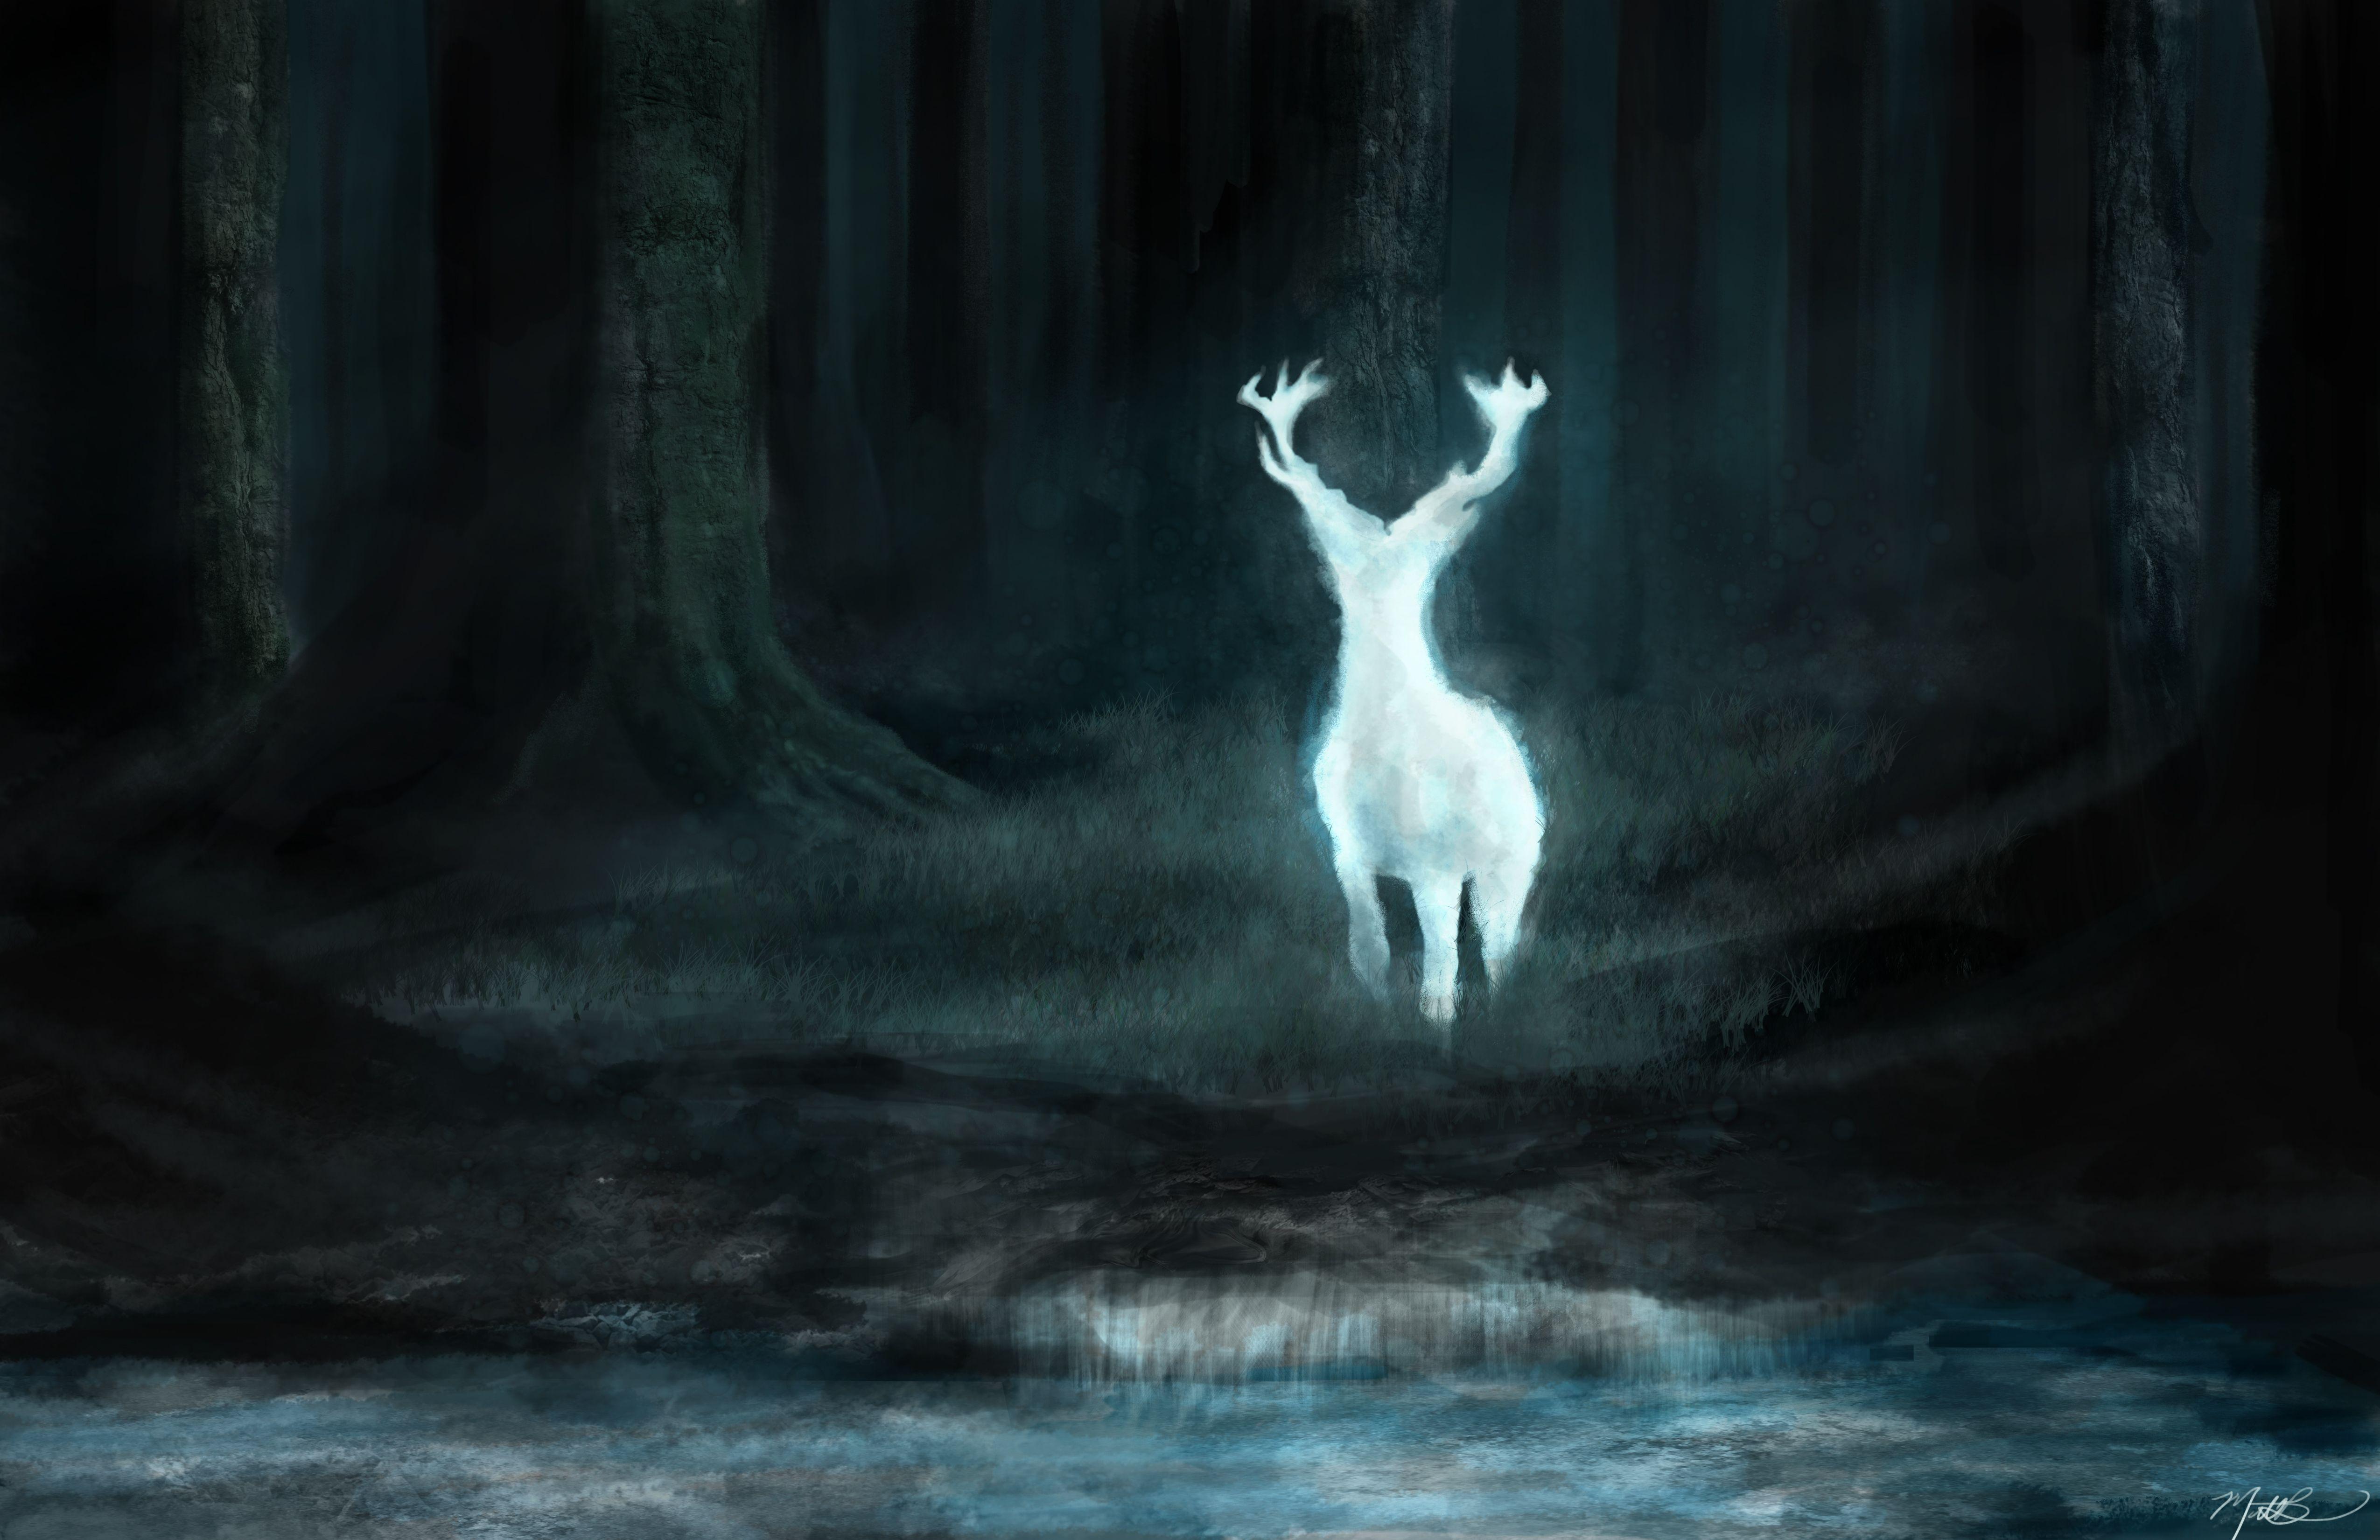 Cool Wallpaper Harry Potter Expecto Patronum - 58f4b7fc231a40d06e920d0177b5816d  HD_73496.jpg